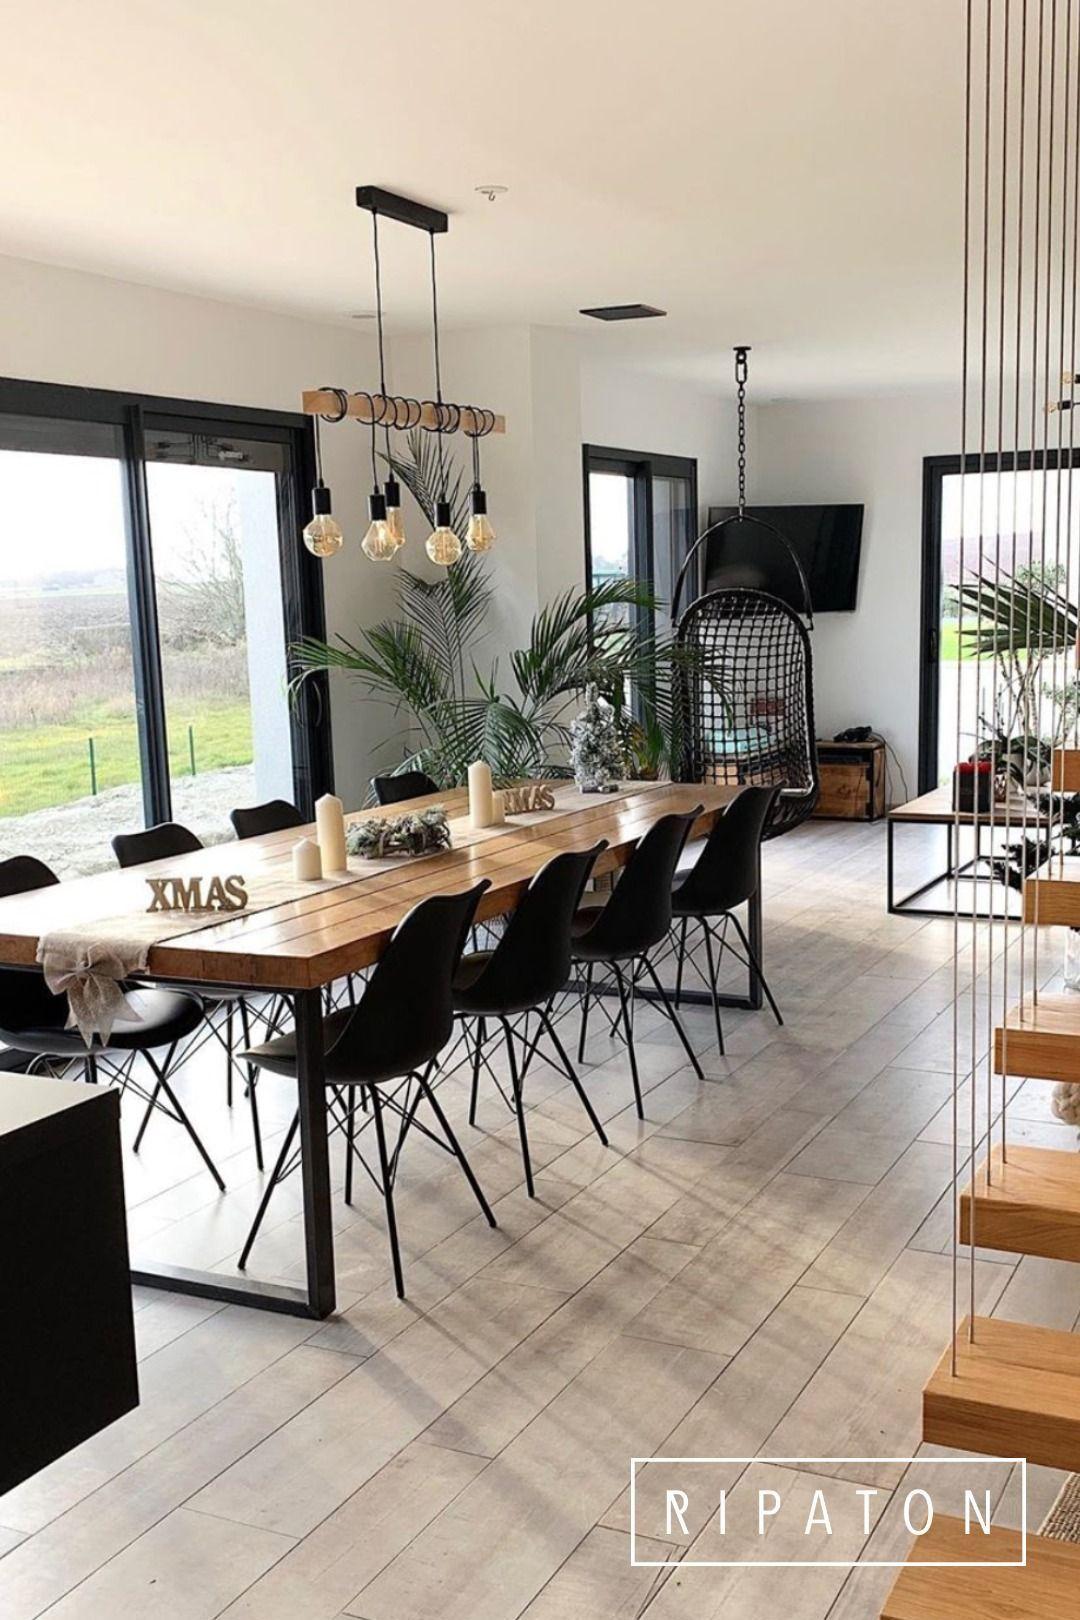 Großer Esstisch mit Stahlbeinen - #esstisch #stahlbeinen - #ModernHomeDecor - Welcome to Blog